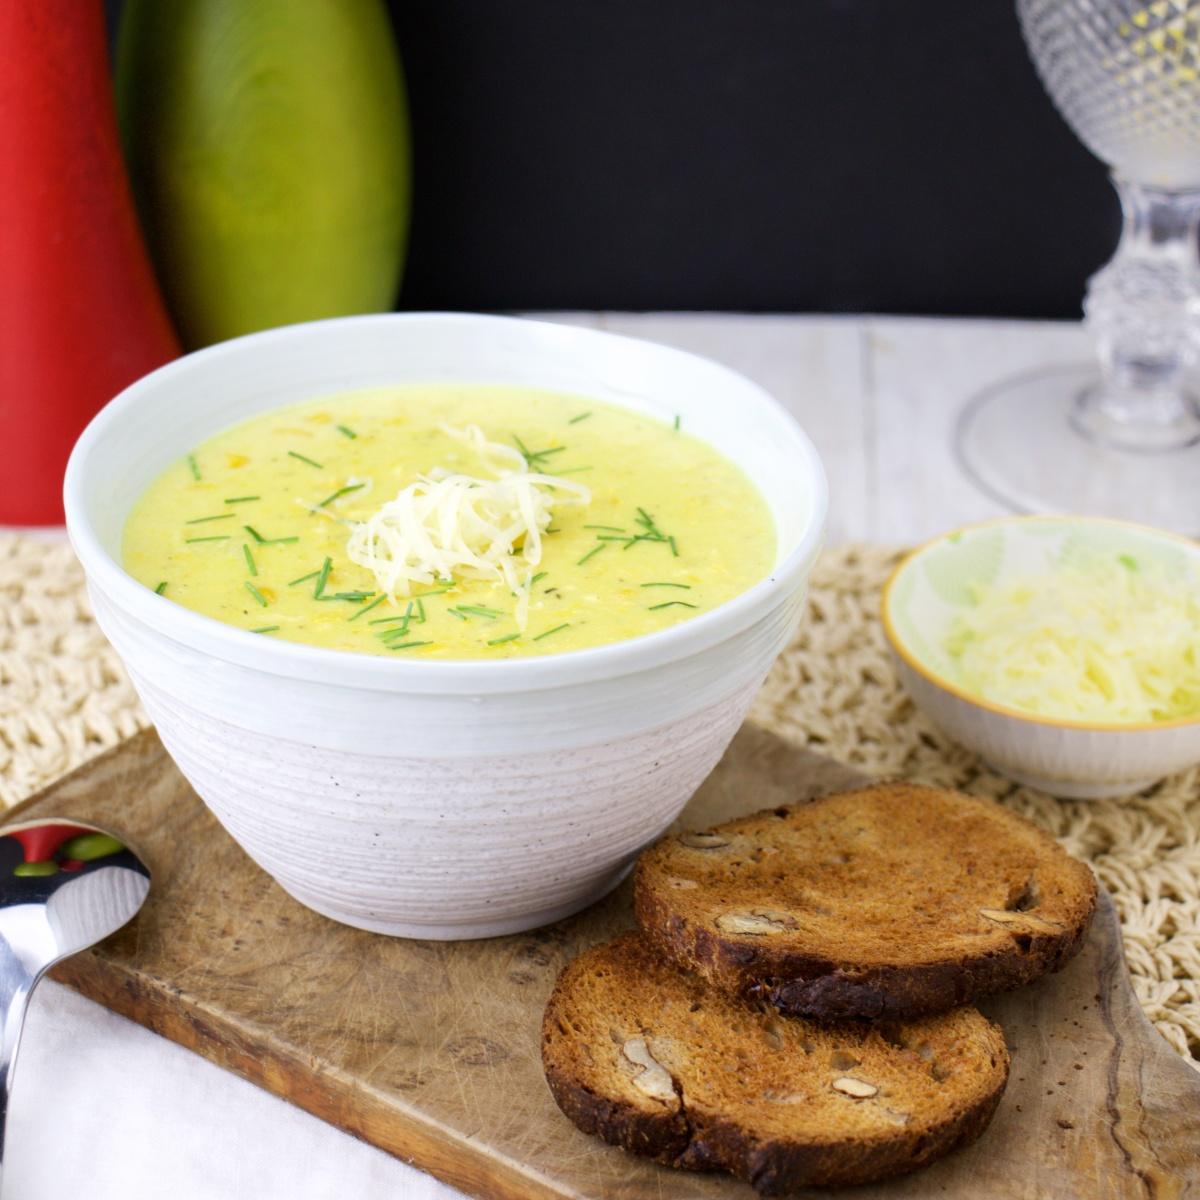 Corn Chowder with Aged Cheddar – The FoodOlic recipes